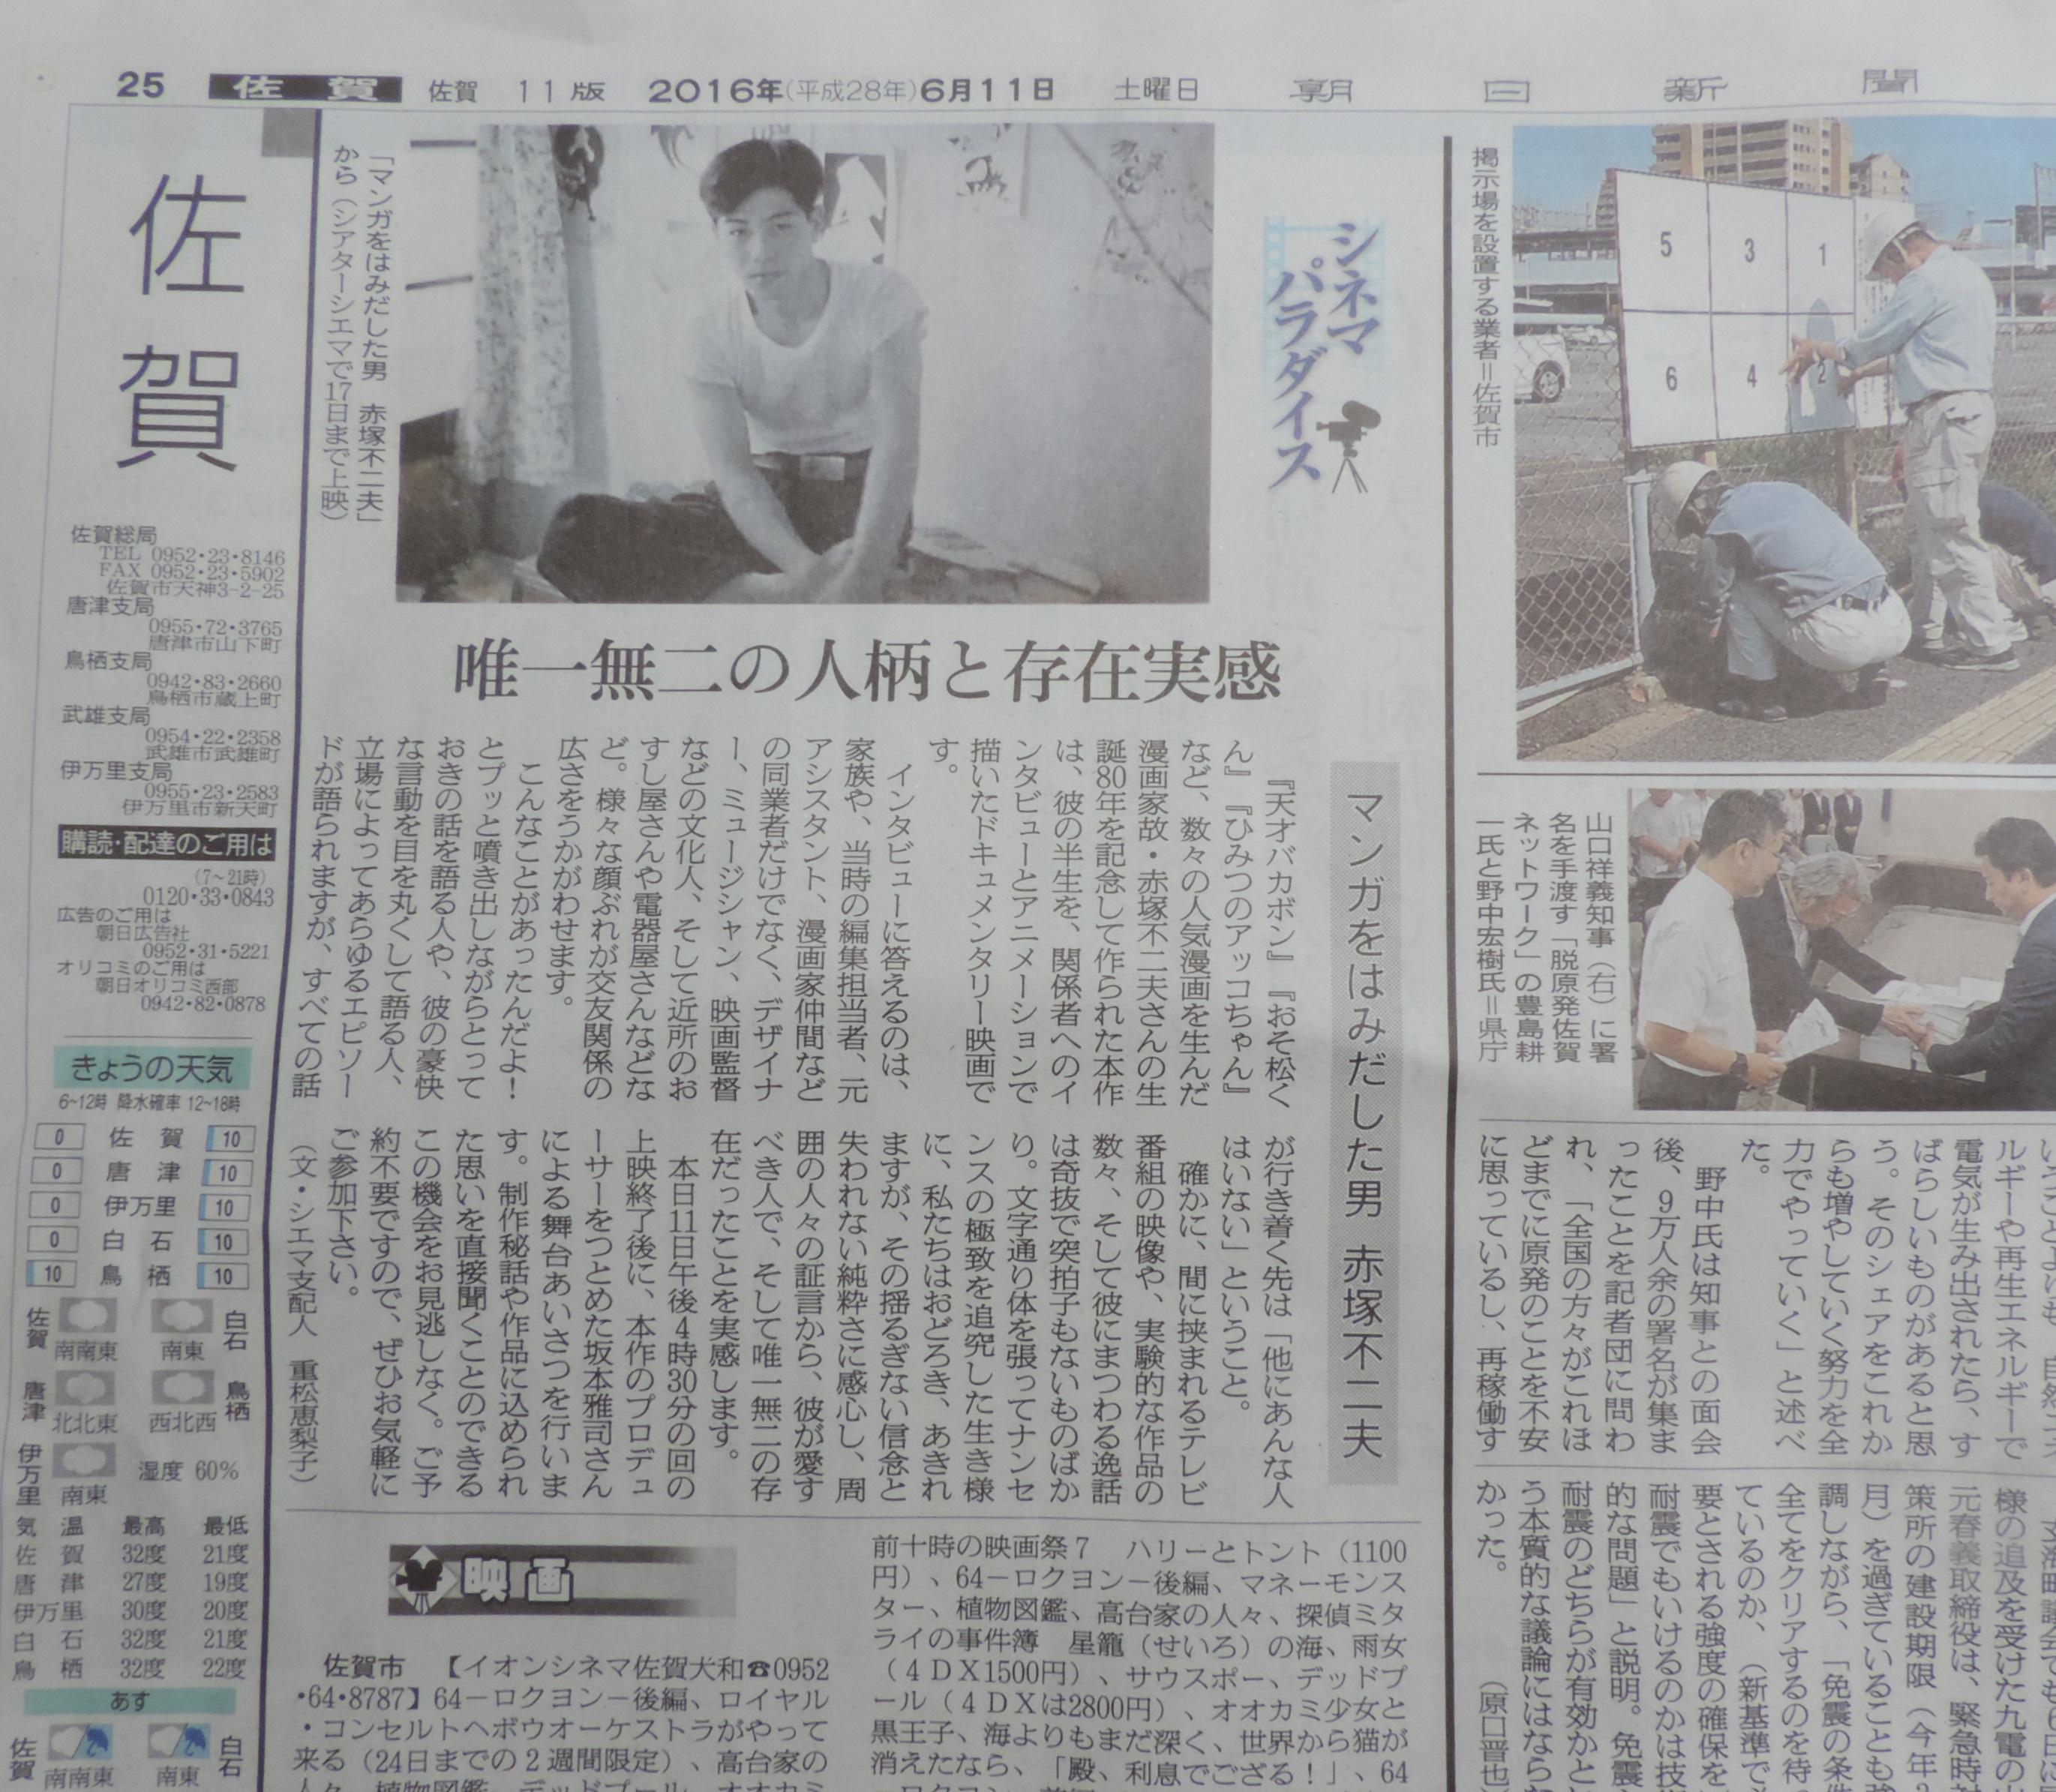 20160611朝日新聞佐賀版